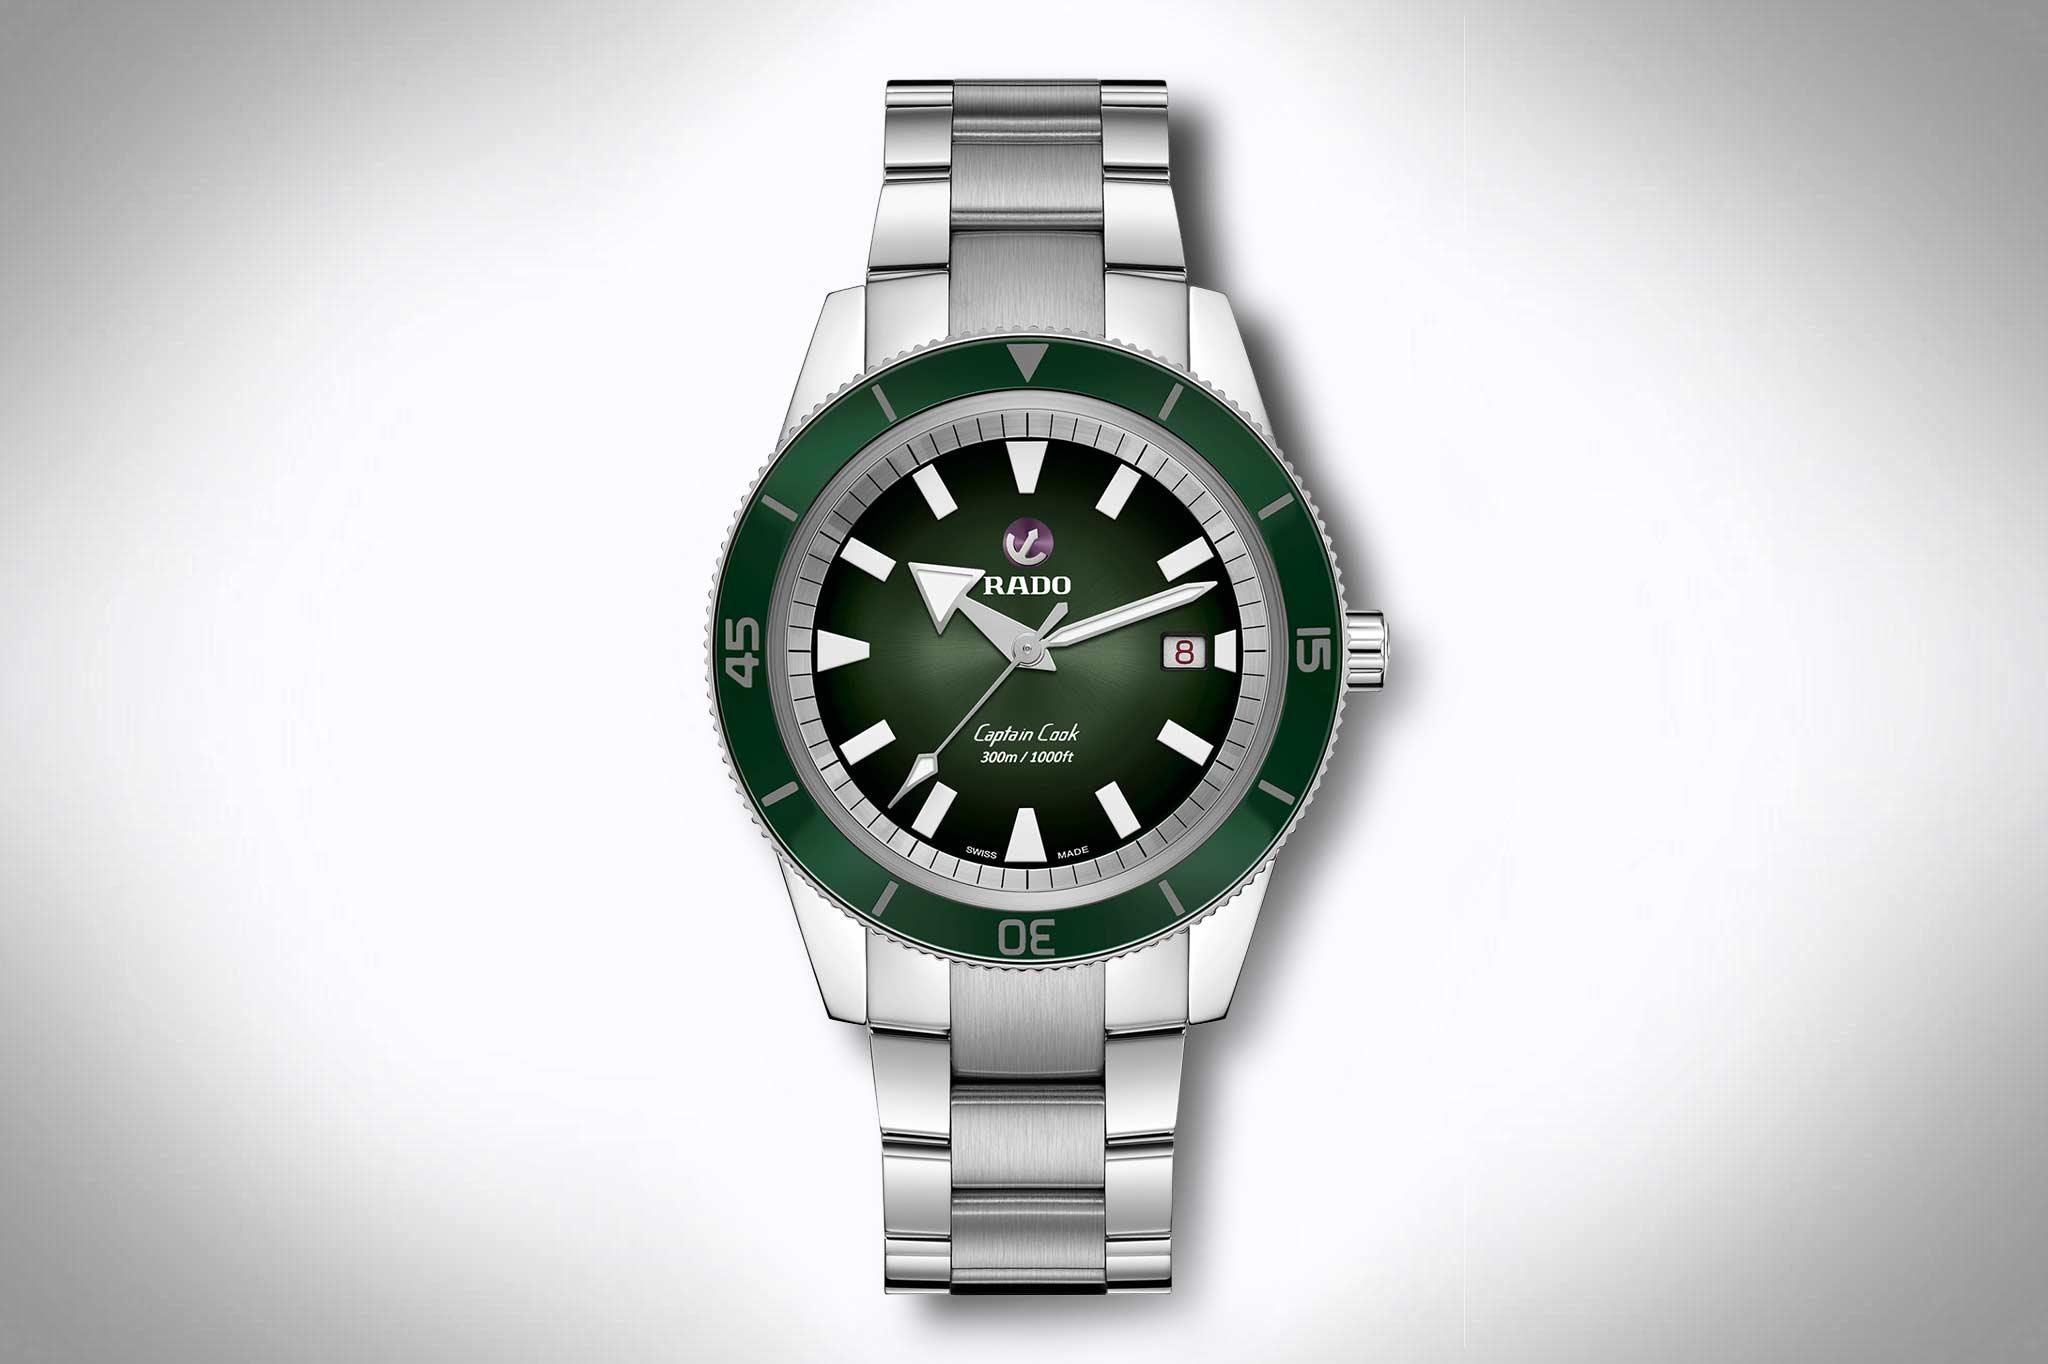 Uhren mit grünem Zifferblatt – Rado Captain Cook Automatic R3250531 in grün